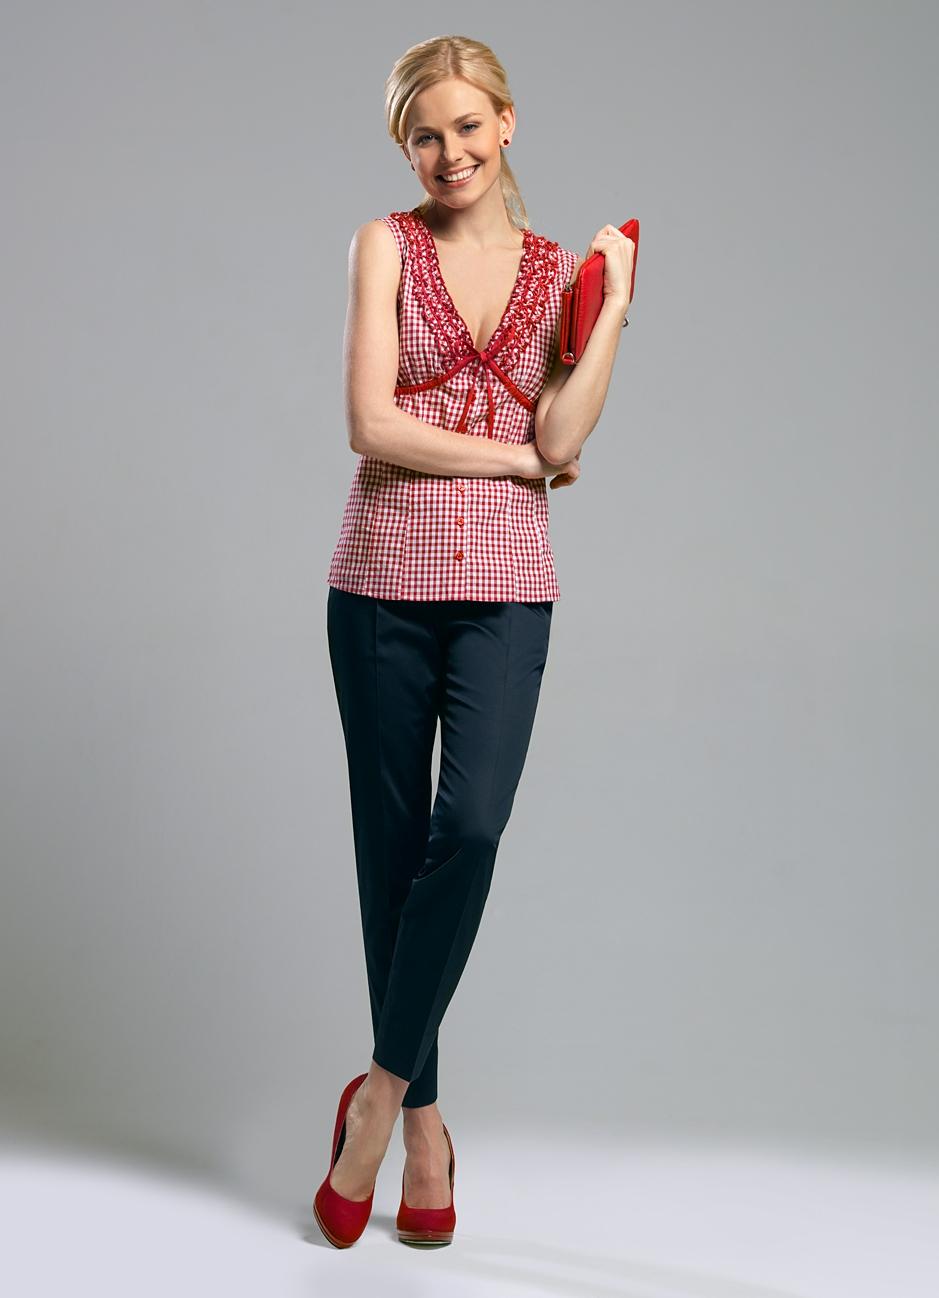 Коралловые брюки в вашем гардеробе: с чем надеть и какую обувь выбрать к ним